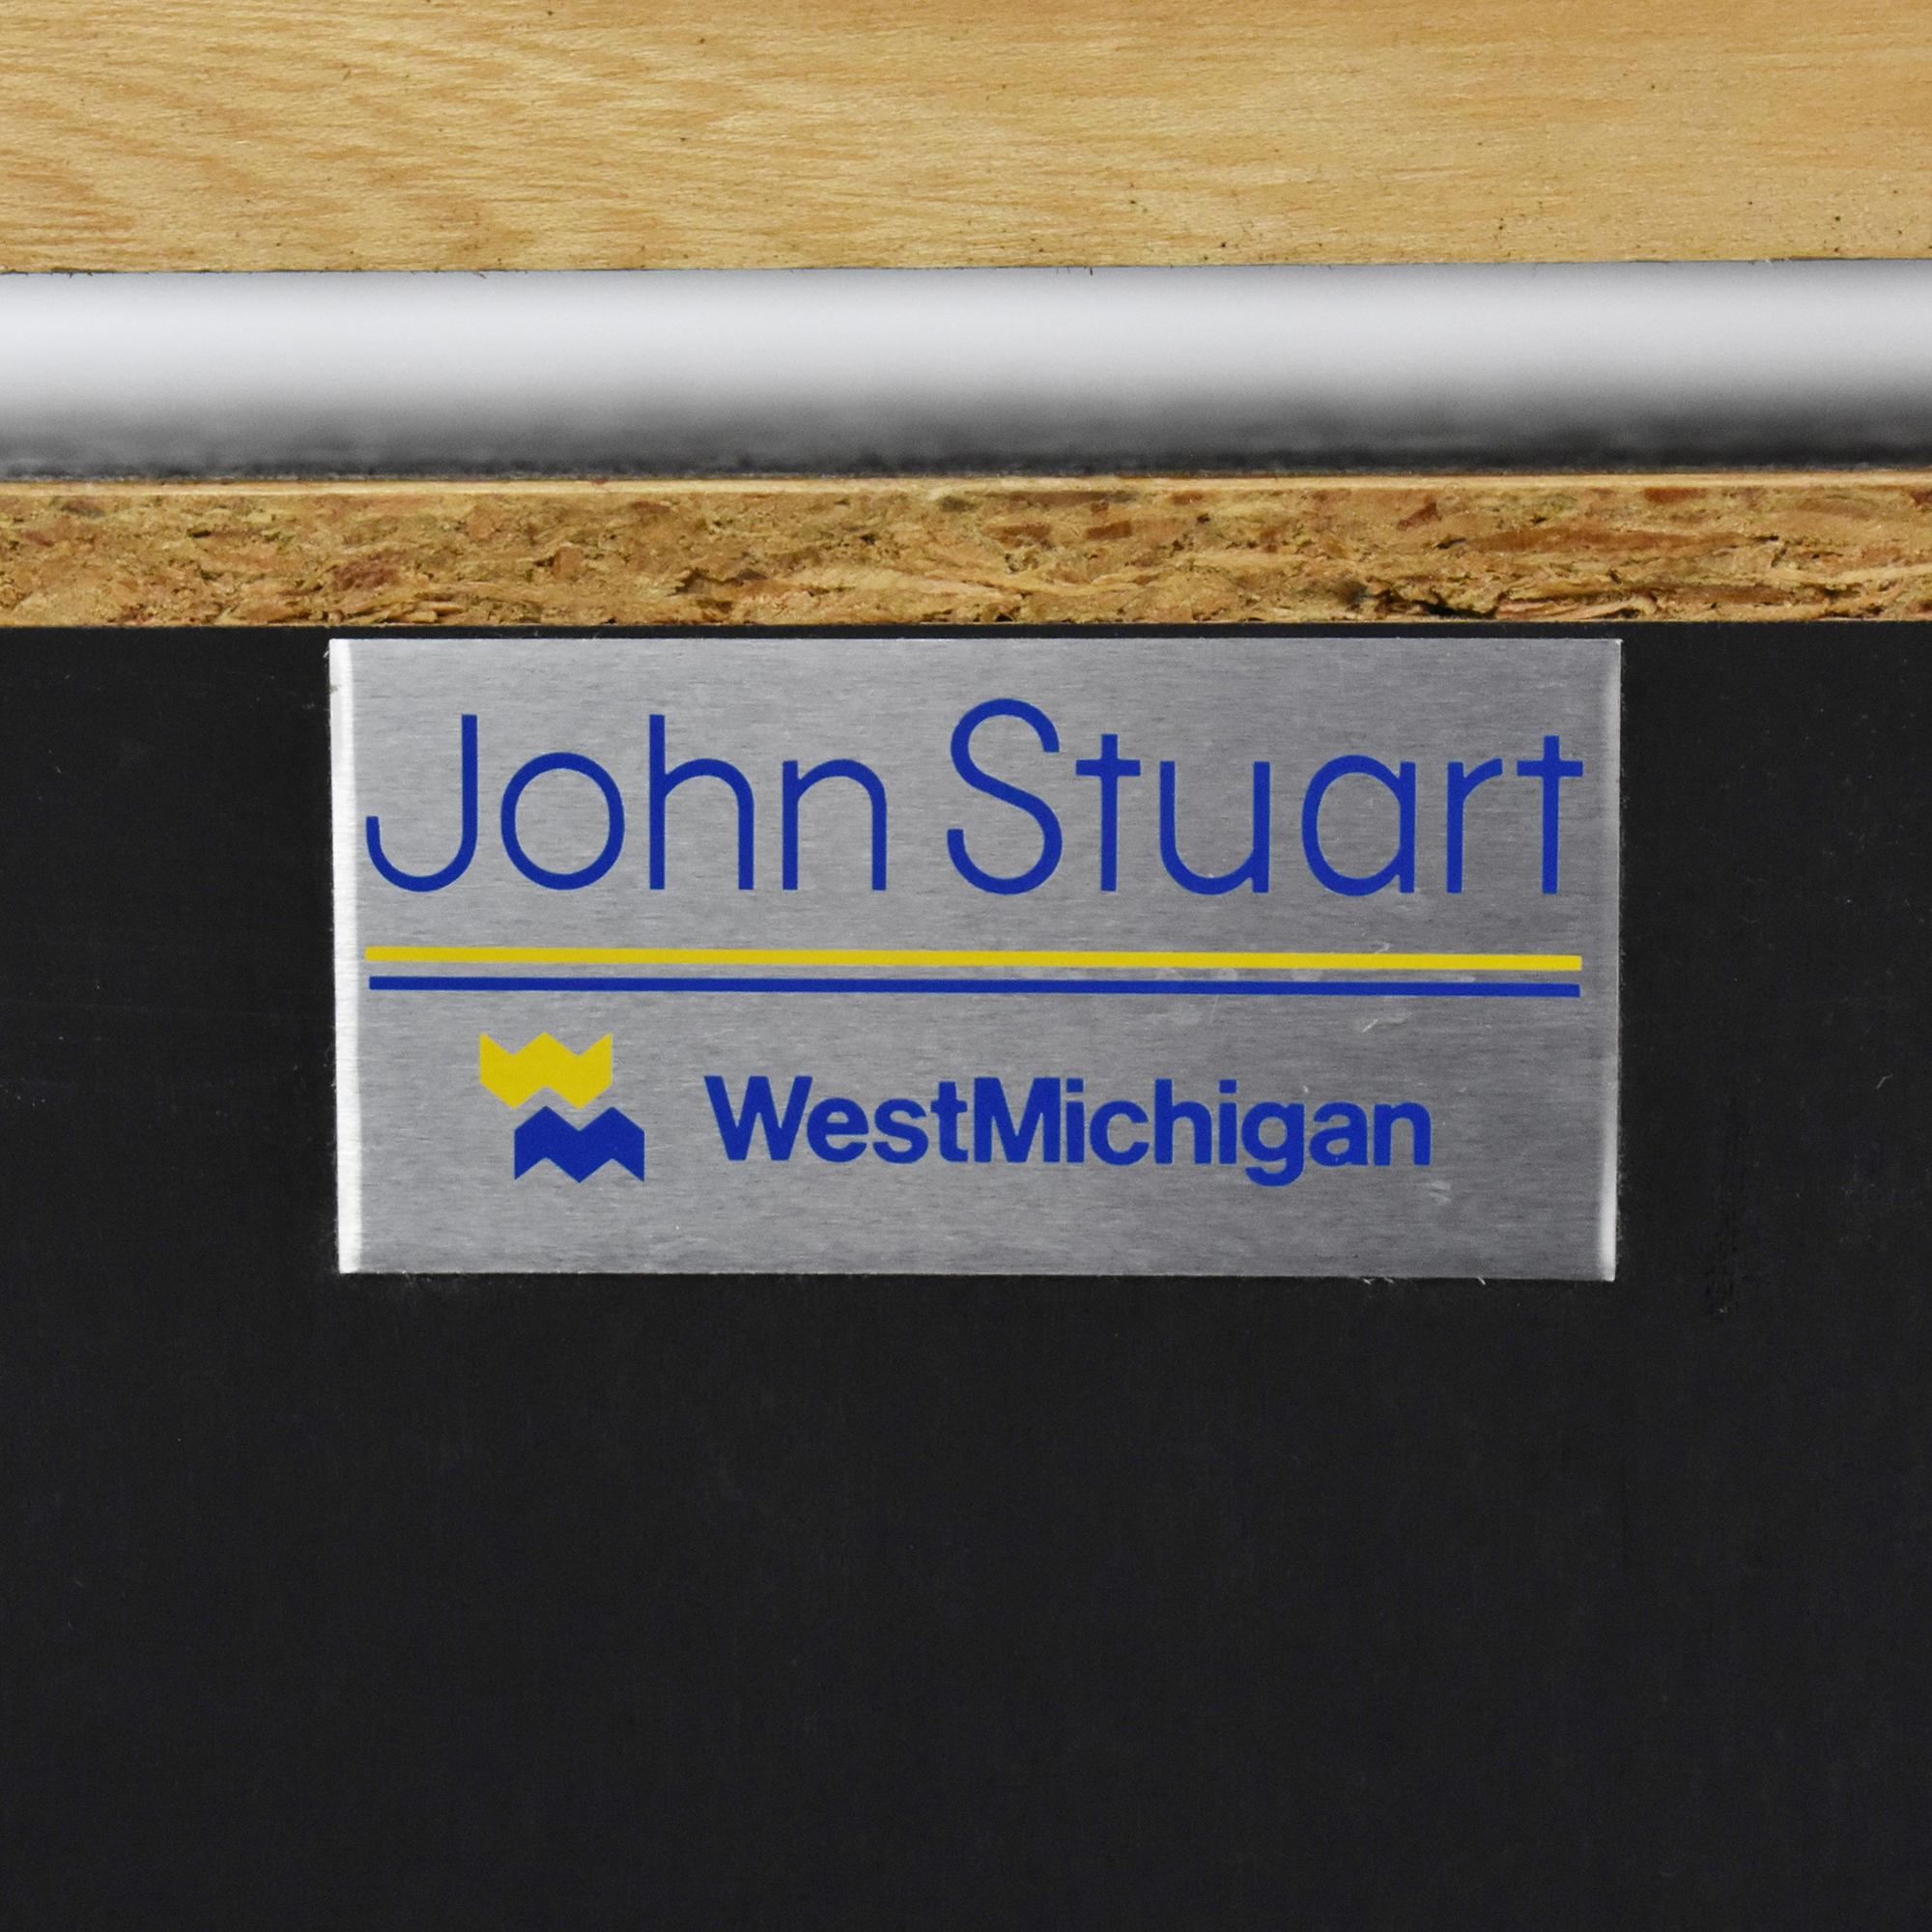 John Stuart Inc. Wooden Bedroom Unit John Stuart Inc.